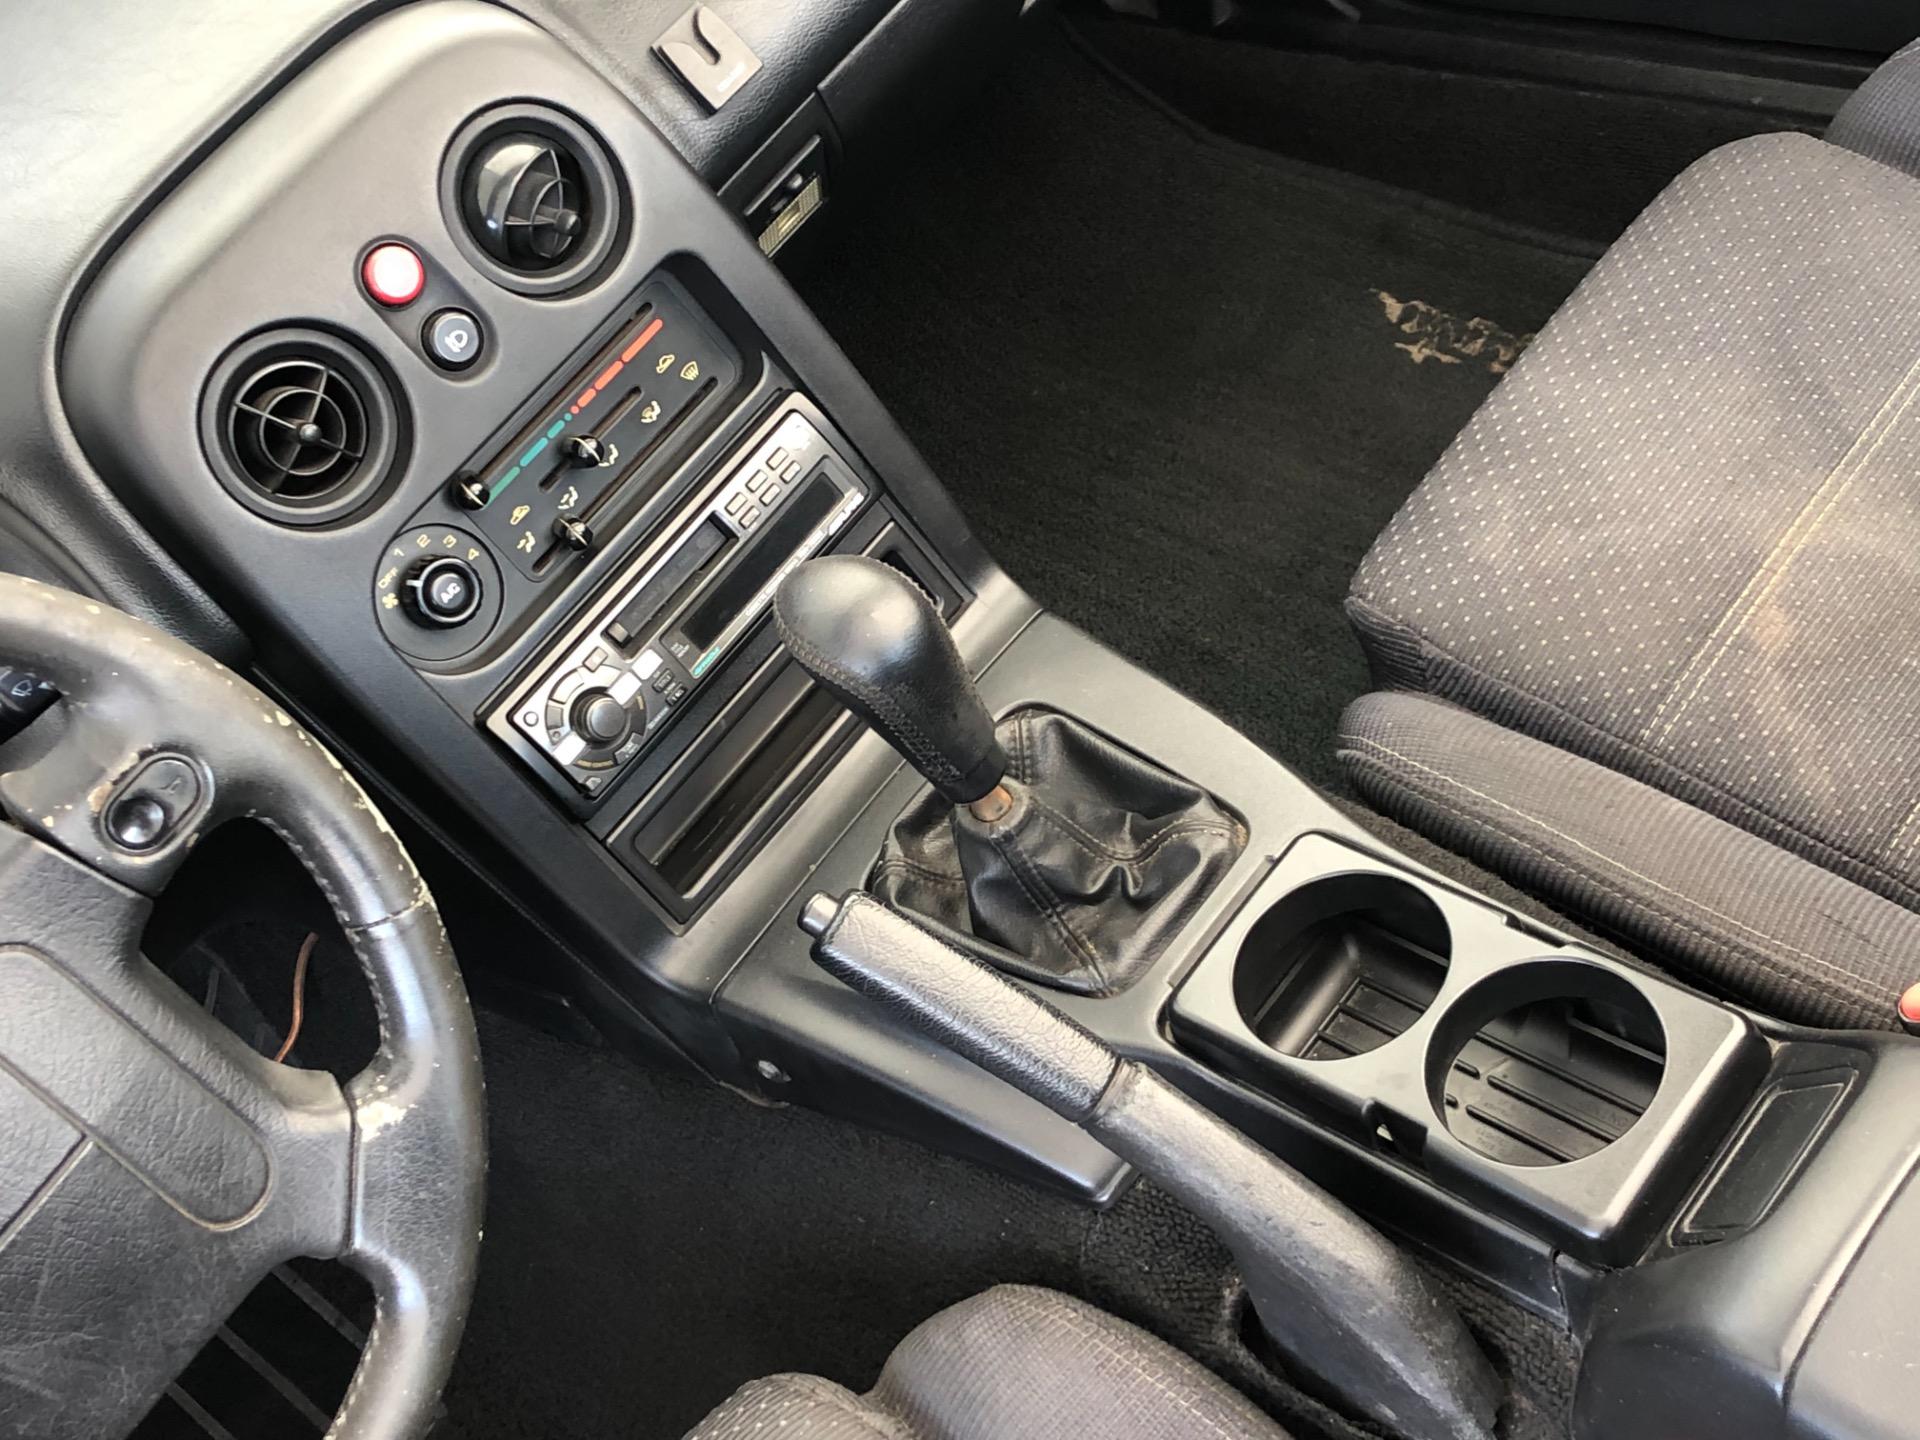 Used 1994 Mazda Miata M Edition